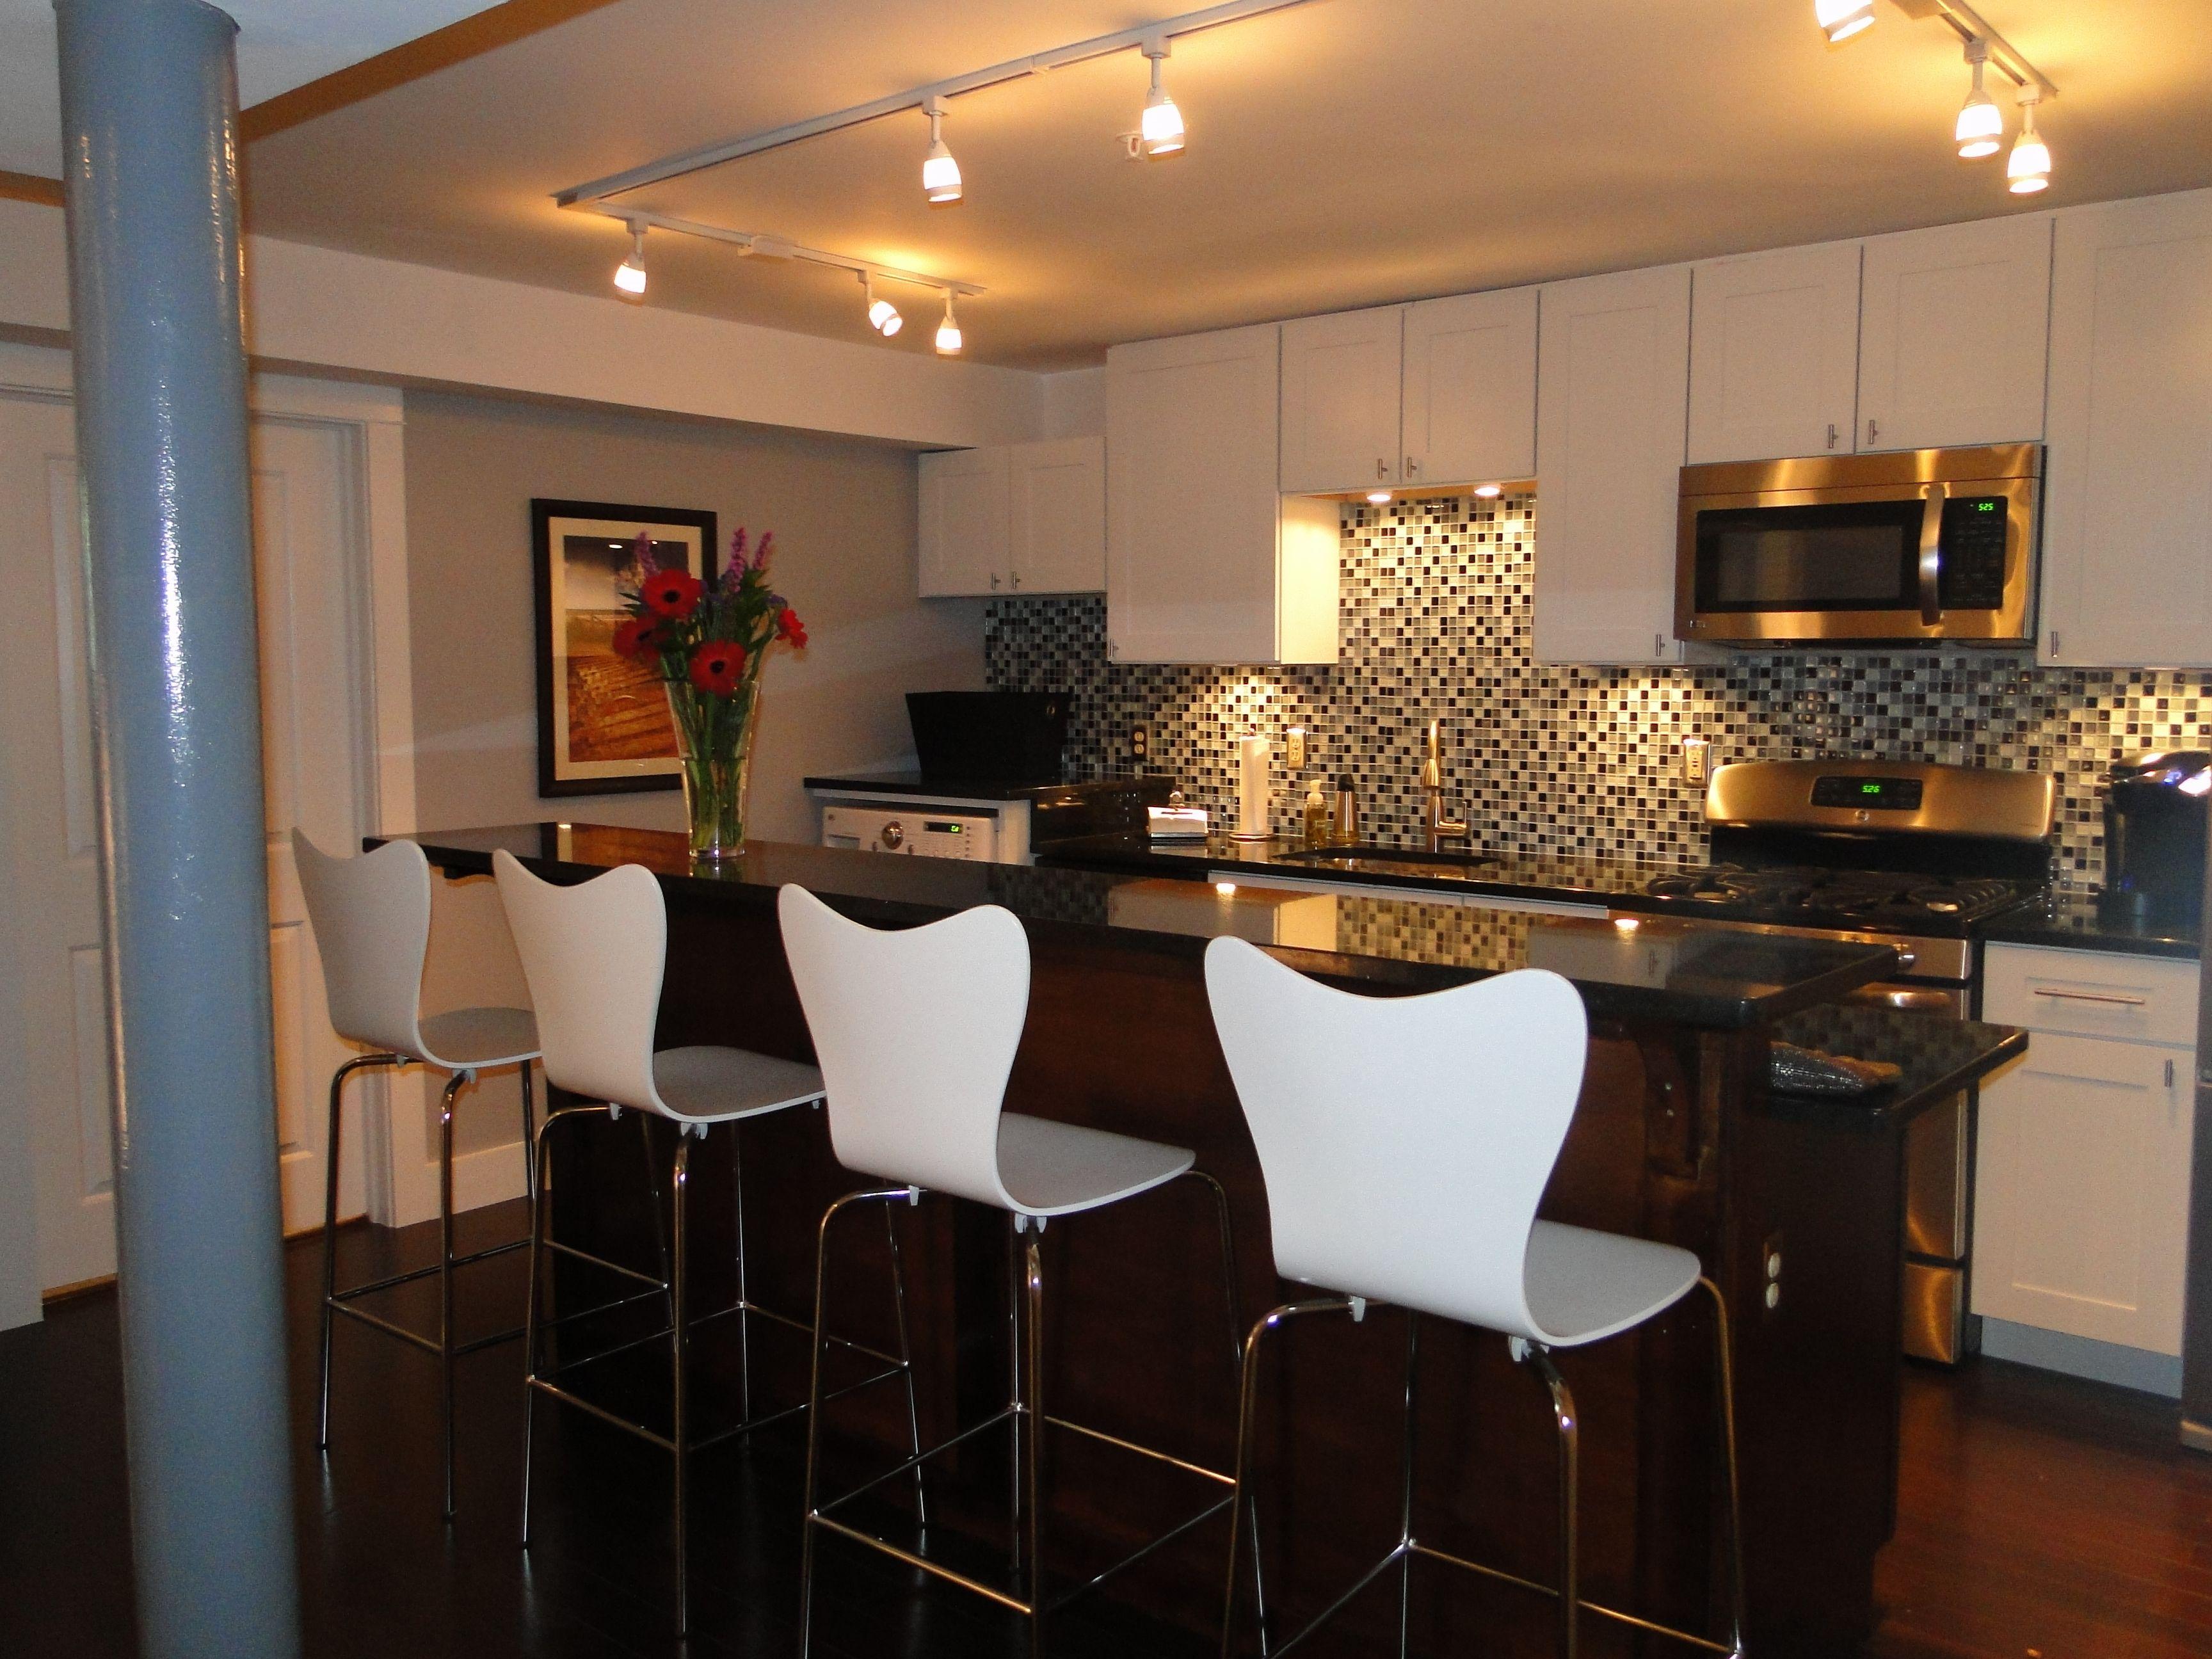 Kitchen Condo Design Small Condo Living Pinterest